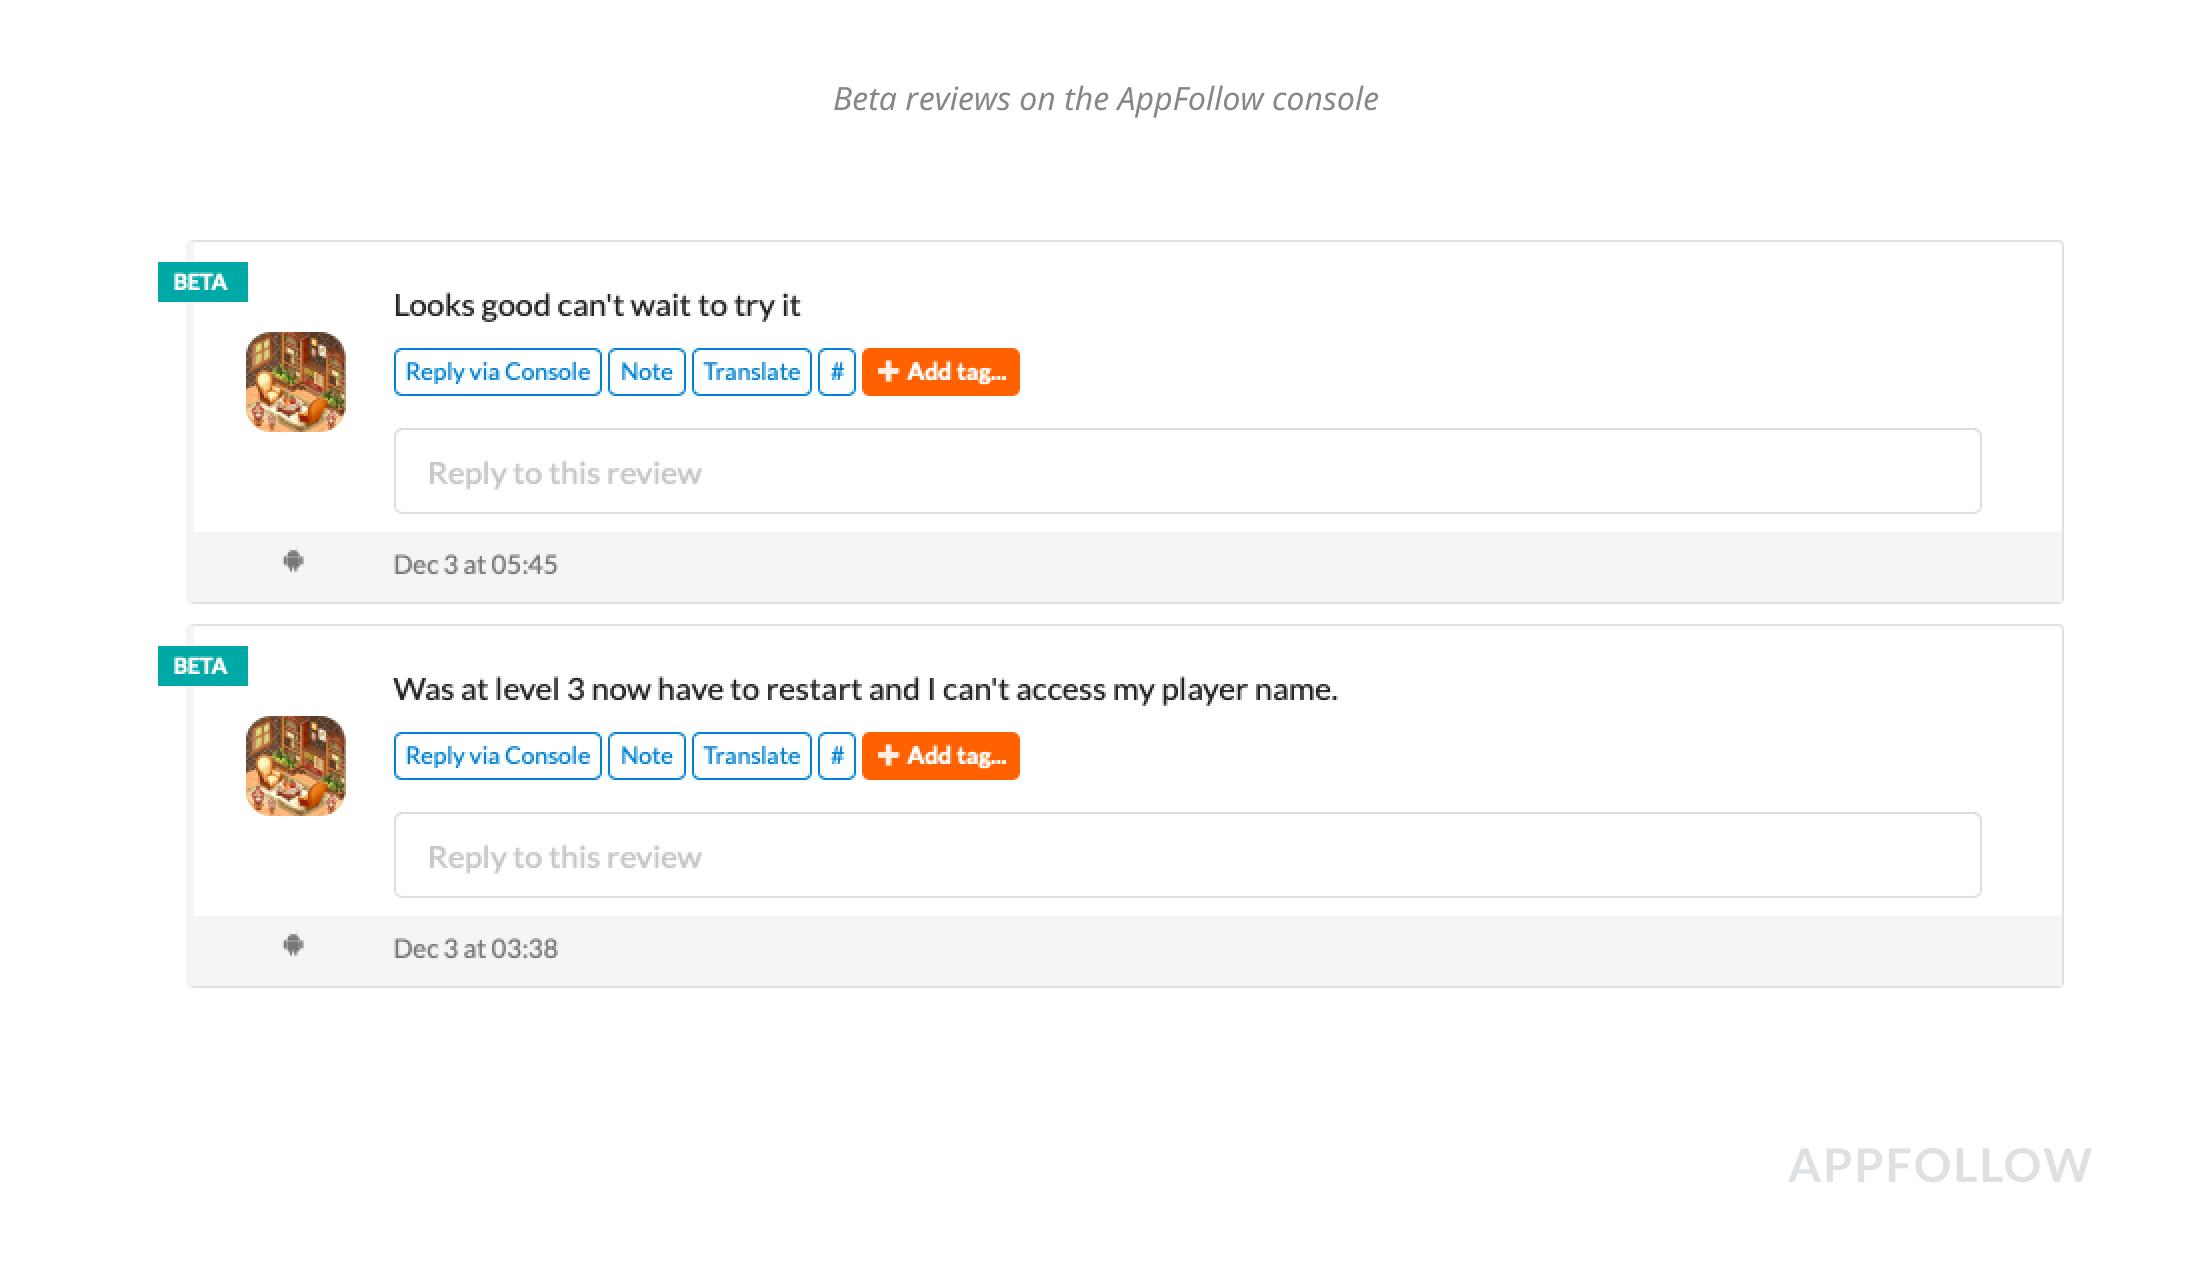 Avaliações beta no console AppFollow